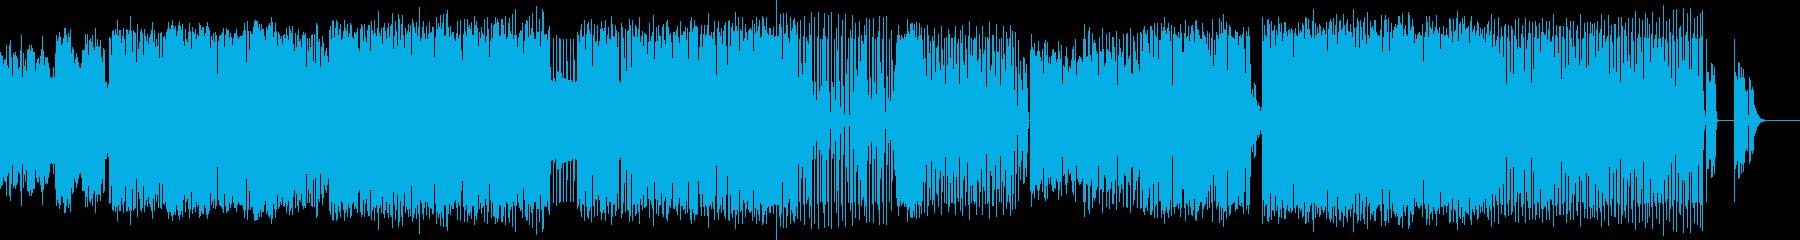 爽やかなHouseMusicの再生済みの波形